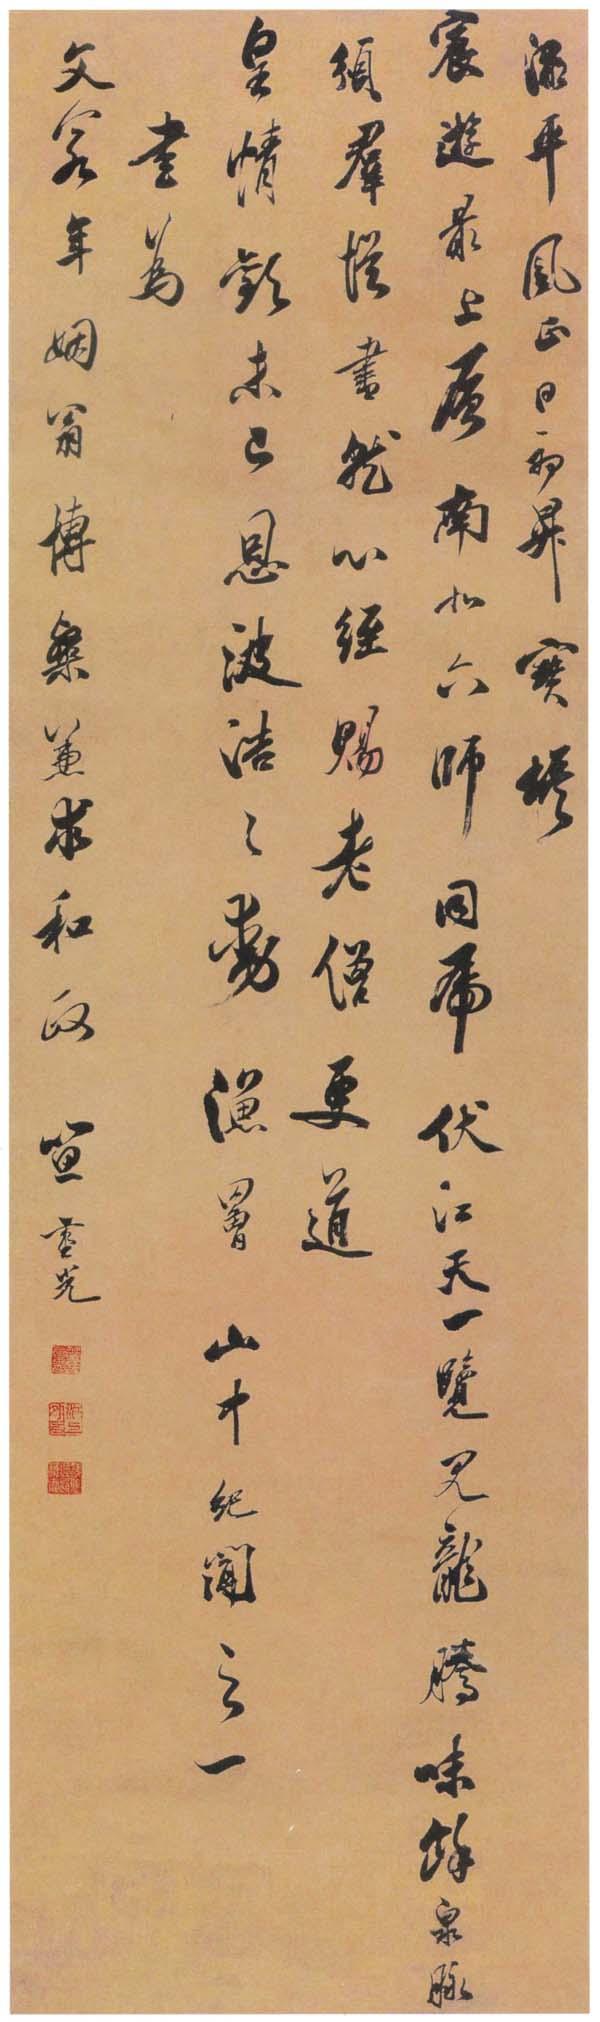 笪重光《行书山中纪闻诗轴》纸本行书 南京博物院藏